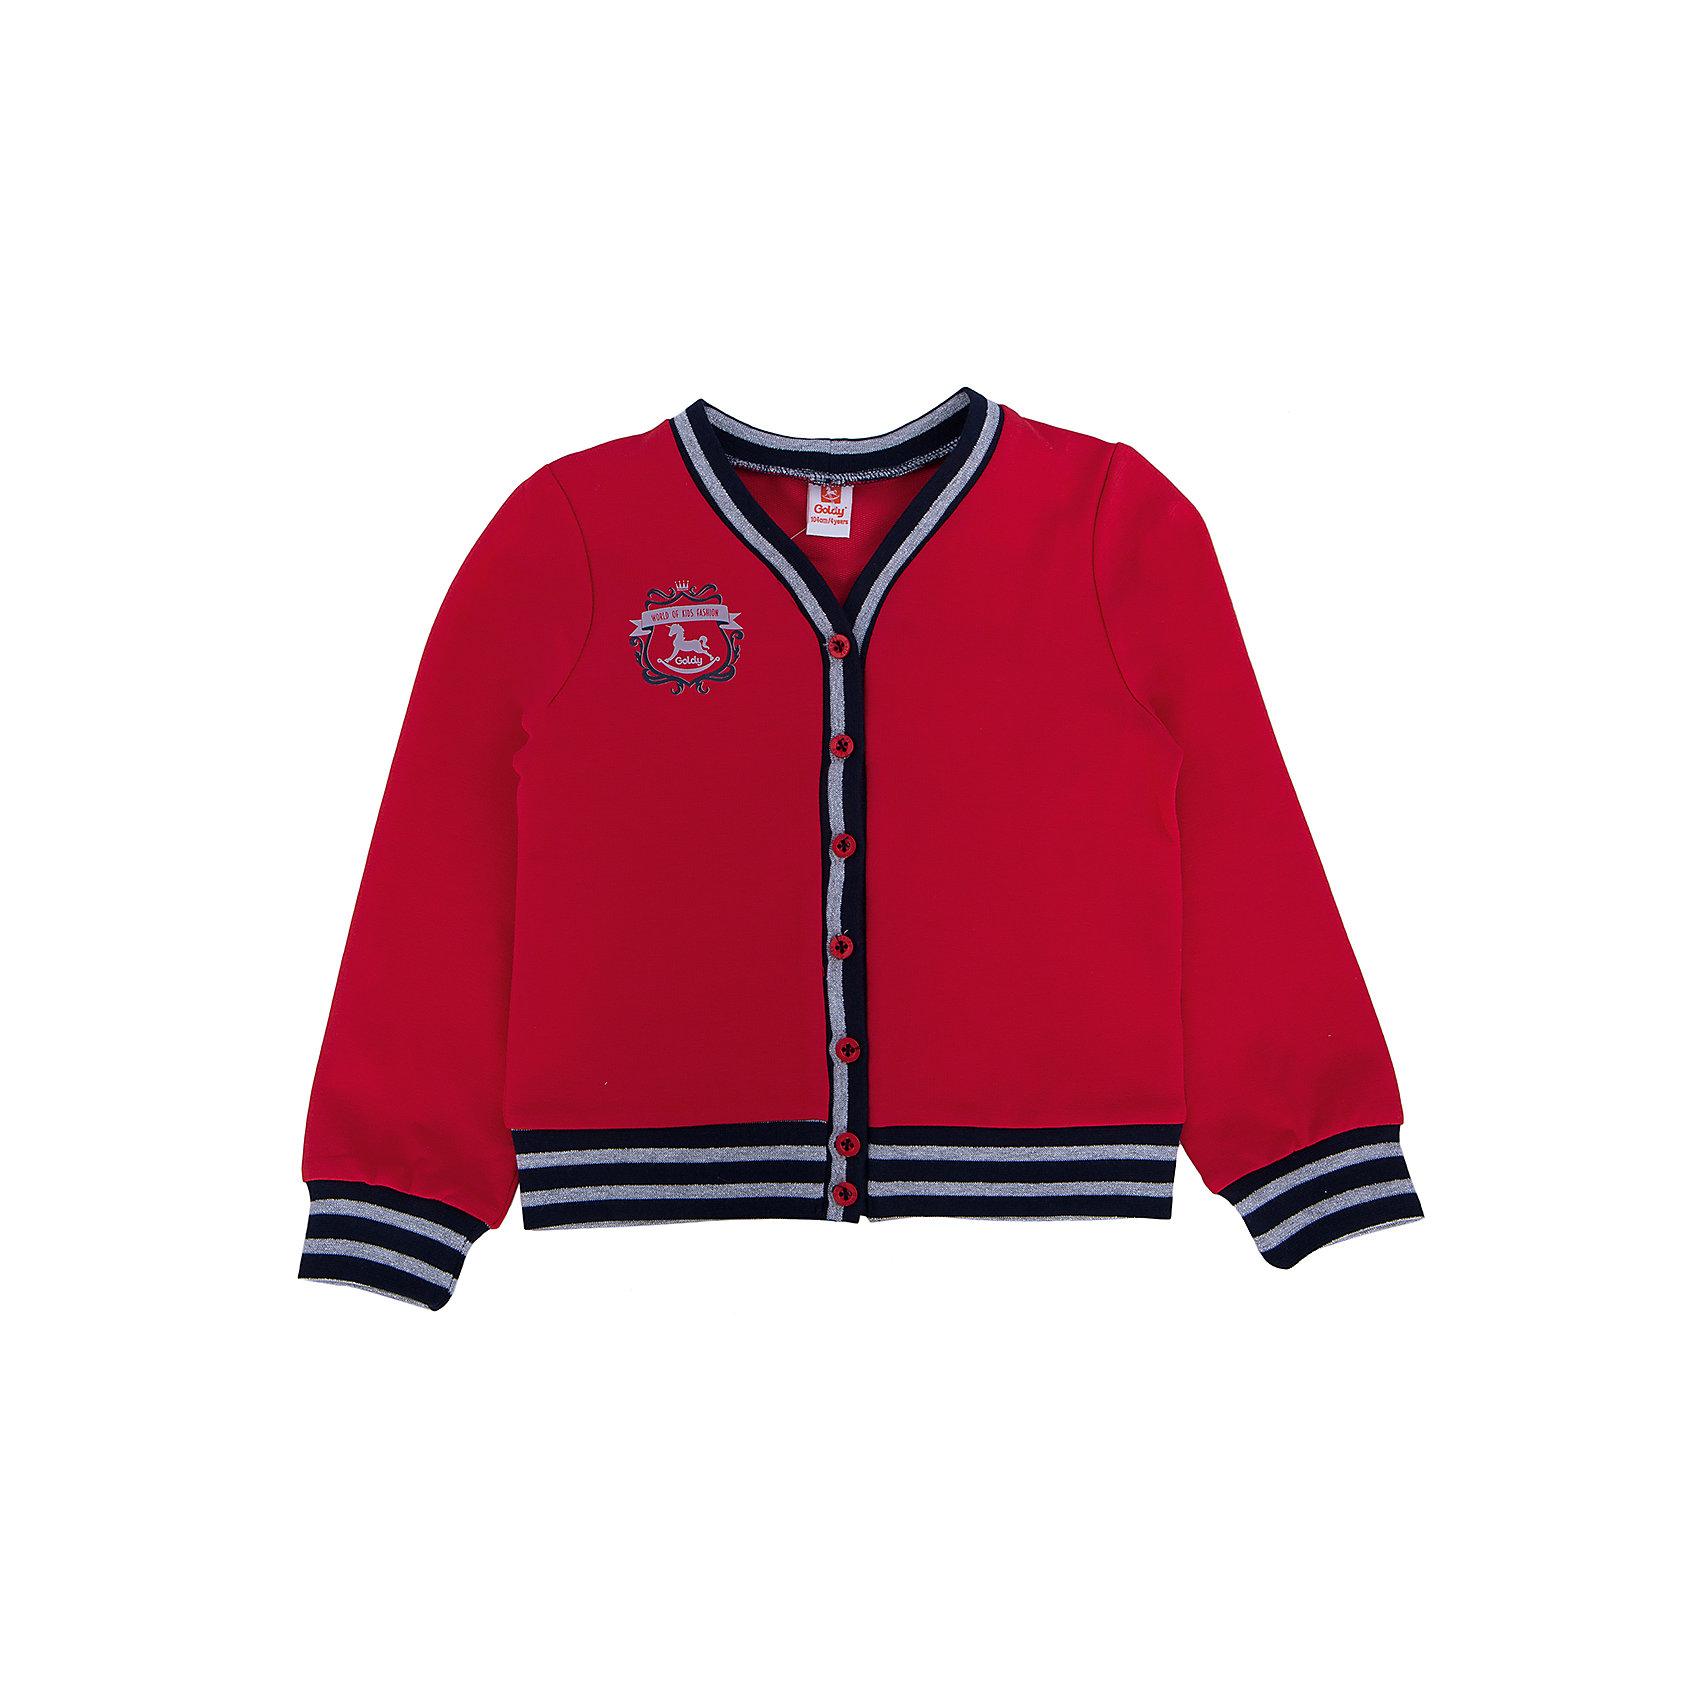 Куртка для девочки GoldyЛегкая куртка для девочки поможет разнообразить гардероб, создать подходящий погоде ансамбль. Удобный крой и качественный материал обеспечат ребенку комфорт при ношении изделия. <br>Куртка очень стильно смотрится благодаря актуальному дизайну. Она декорирована вышивкой и контрастной окантовкой, рукава длинные. Материал - легкий, но прочный, отлично подходит для детской одежды, состоит преимущественно из дышащего натурального хлопка. Очень приятен на ощупь, не вызывает аллергии.<br><br>Дополнительная информация:<br><br>материал: хлопок 96%, лайкра 4%;<br>цвет: разноцветный;<br>декорирована вышивкой;<br>длинные рукава.<br><br>Куртку для девочки от бренда Goldy (Голди) можно купить в нашем магазине.<br><br>Ширина мм: 356<br>Глубина мм: 10<br>Высота мм: 245<br>Вес г: 519<br>Цвет: разноцветный<br>Возраст от месяцев: 24<br>Возраст до месяцев: 36<br>Пол: Женский<br>Возраст: Детский<br>Размер: 98,92,104,110,116,122<br>SKU: 4793667